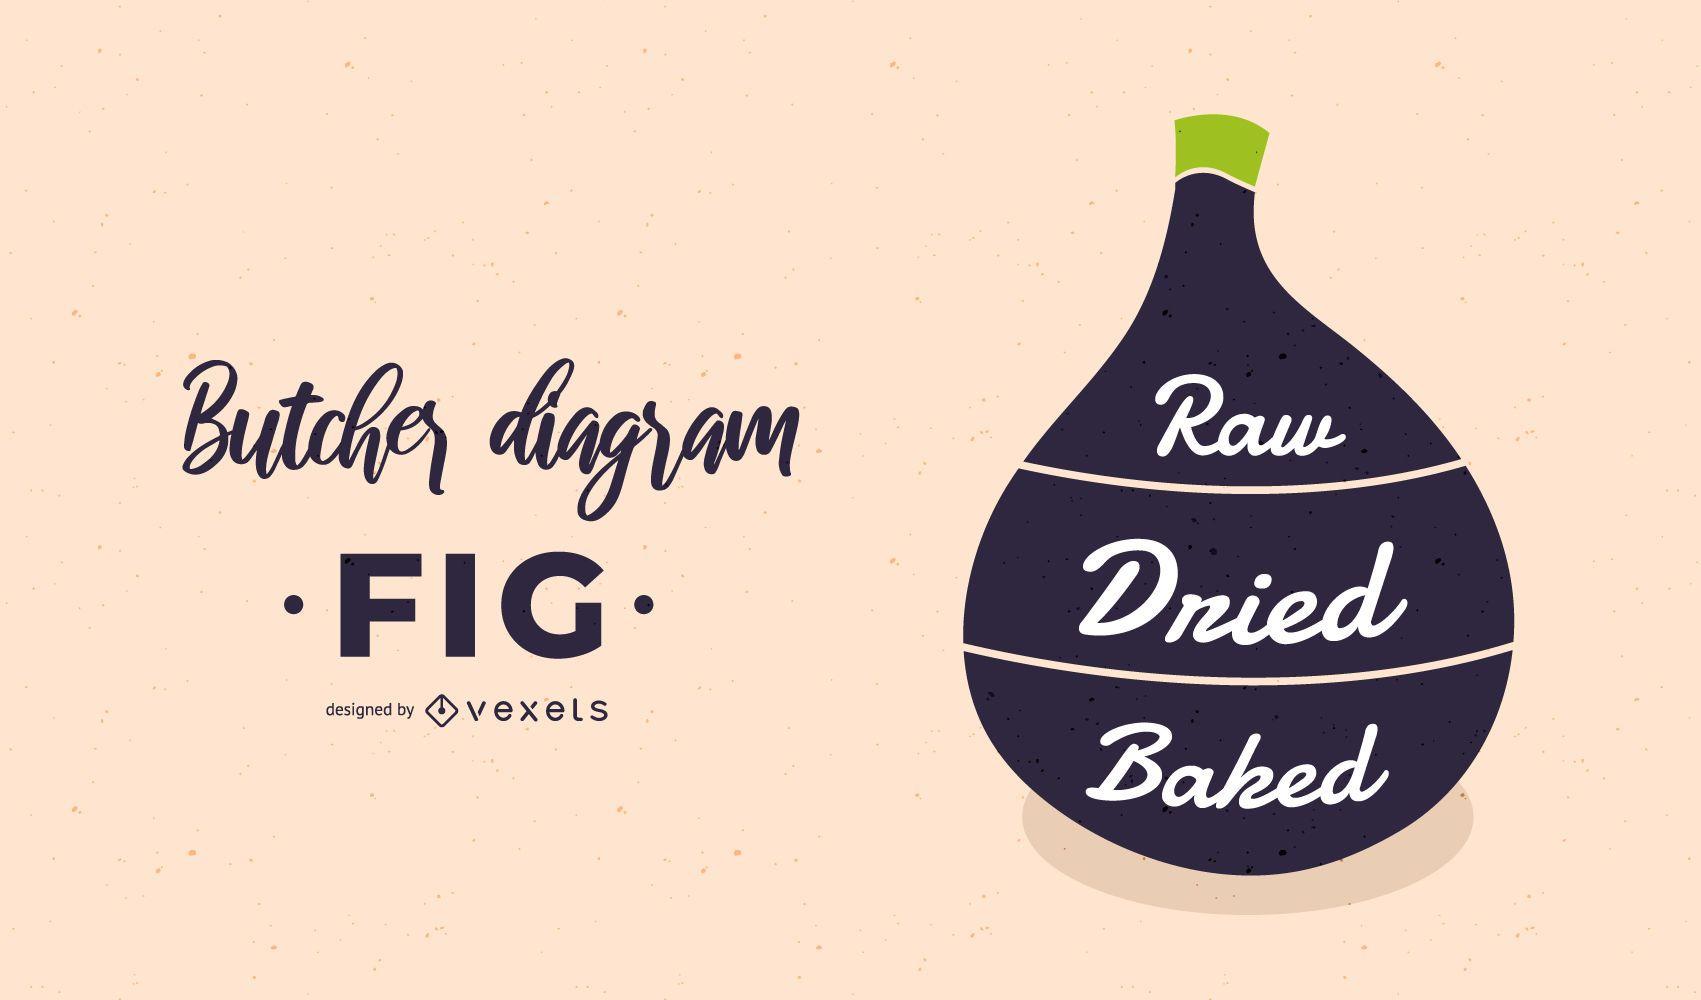 Fig Butcher Diagram